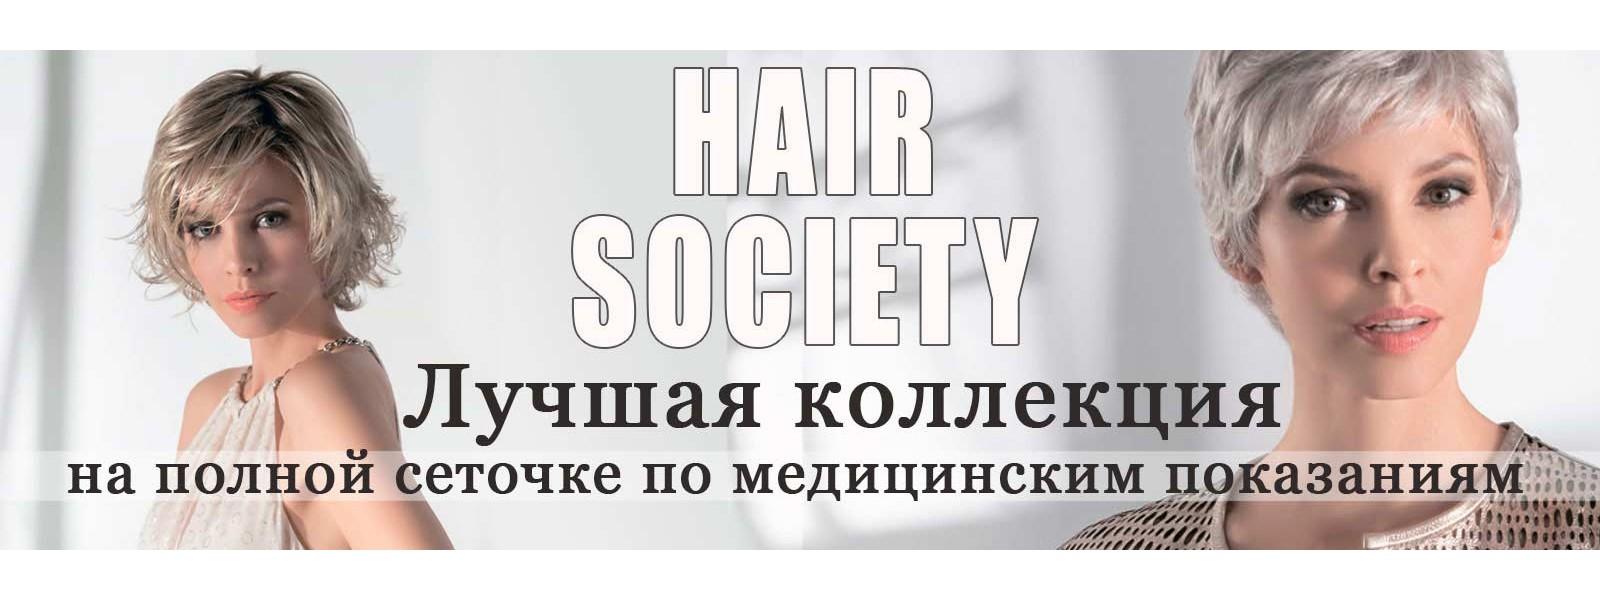 1 hair sosiety